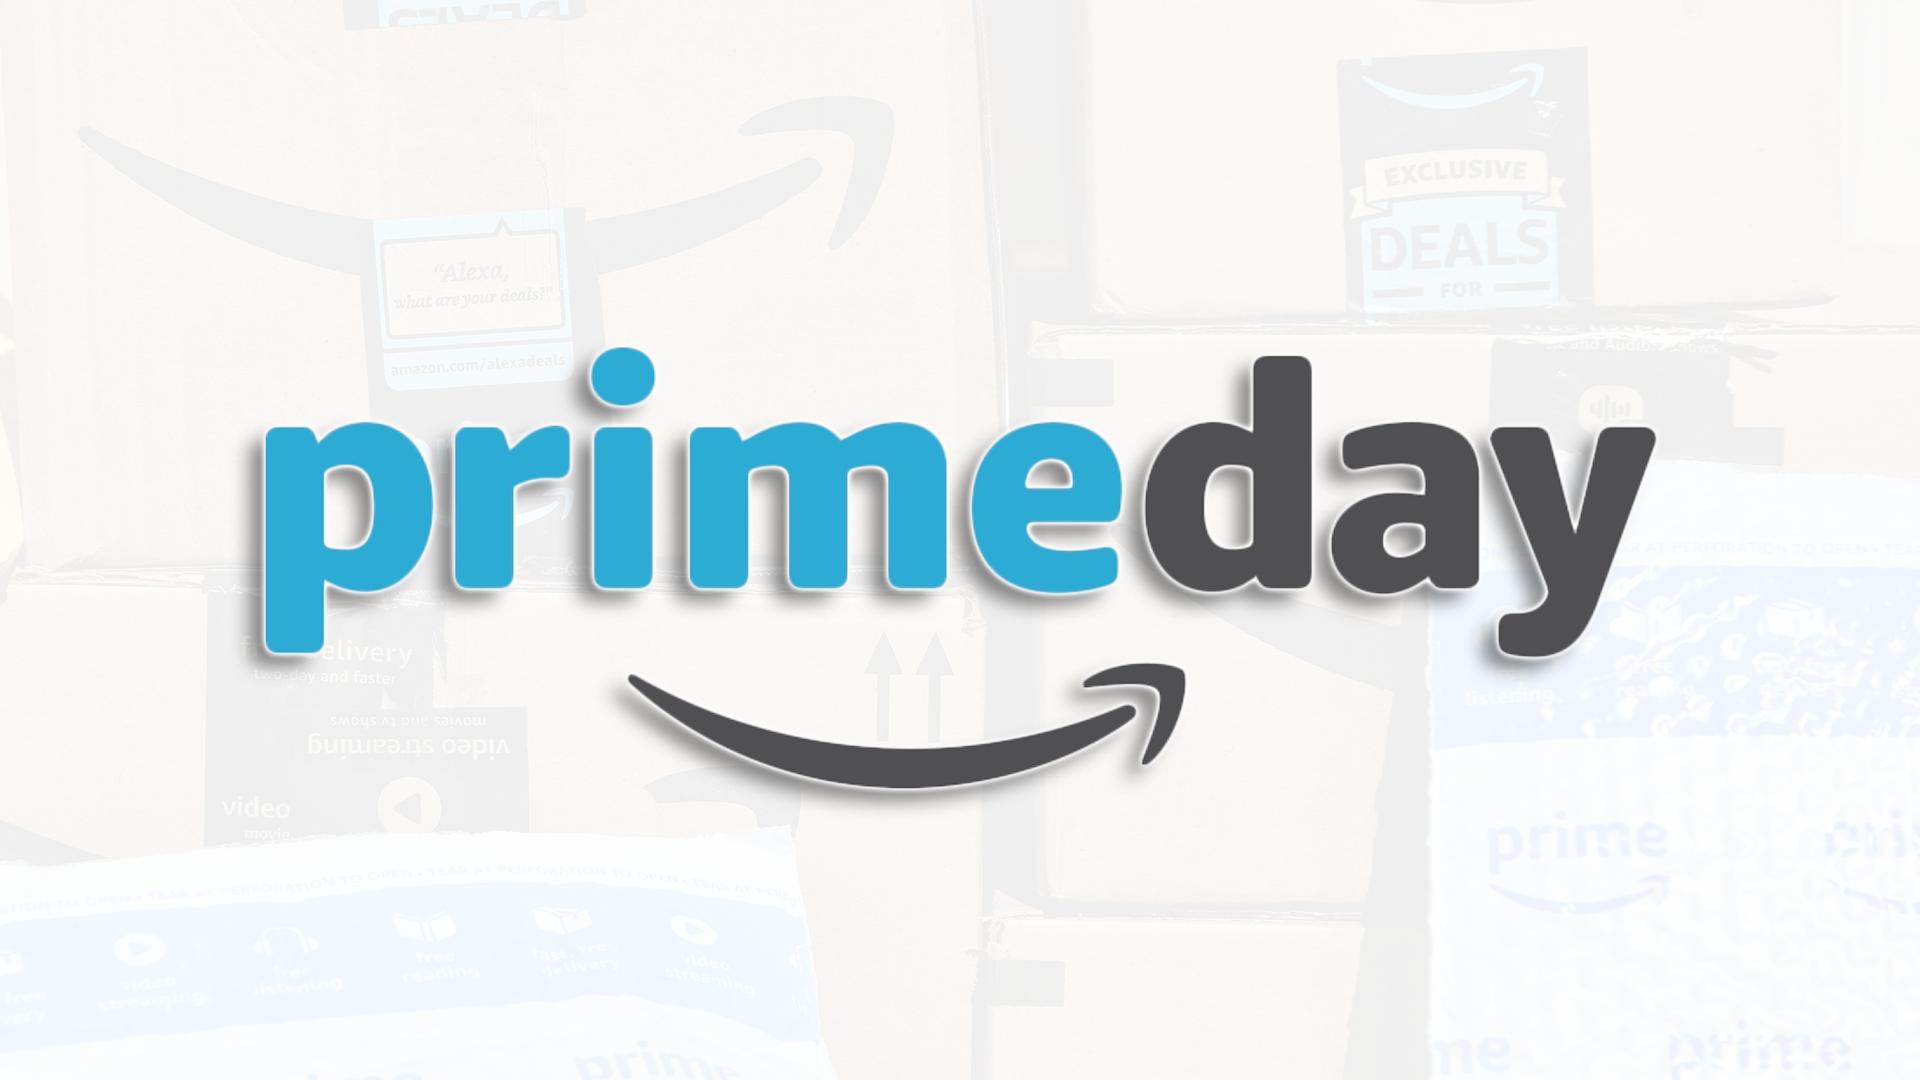 A Prime Day logo.